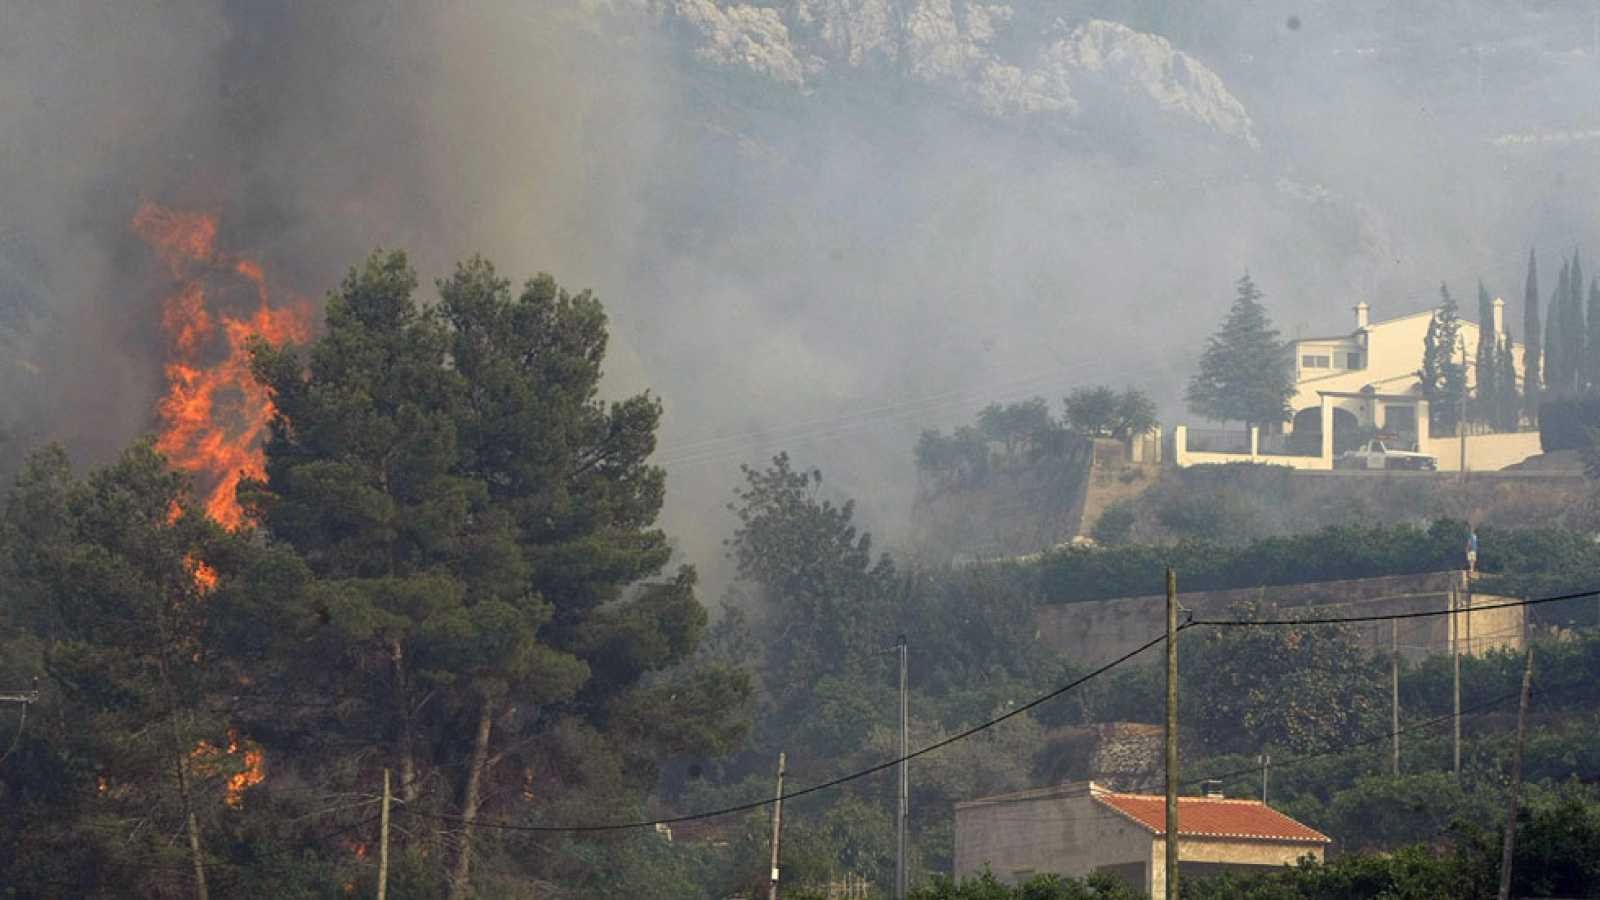 Un incendio en una zona montañosa de Alicante moviliza 14 medios aéreos